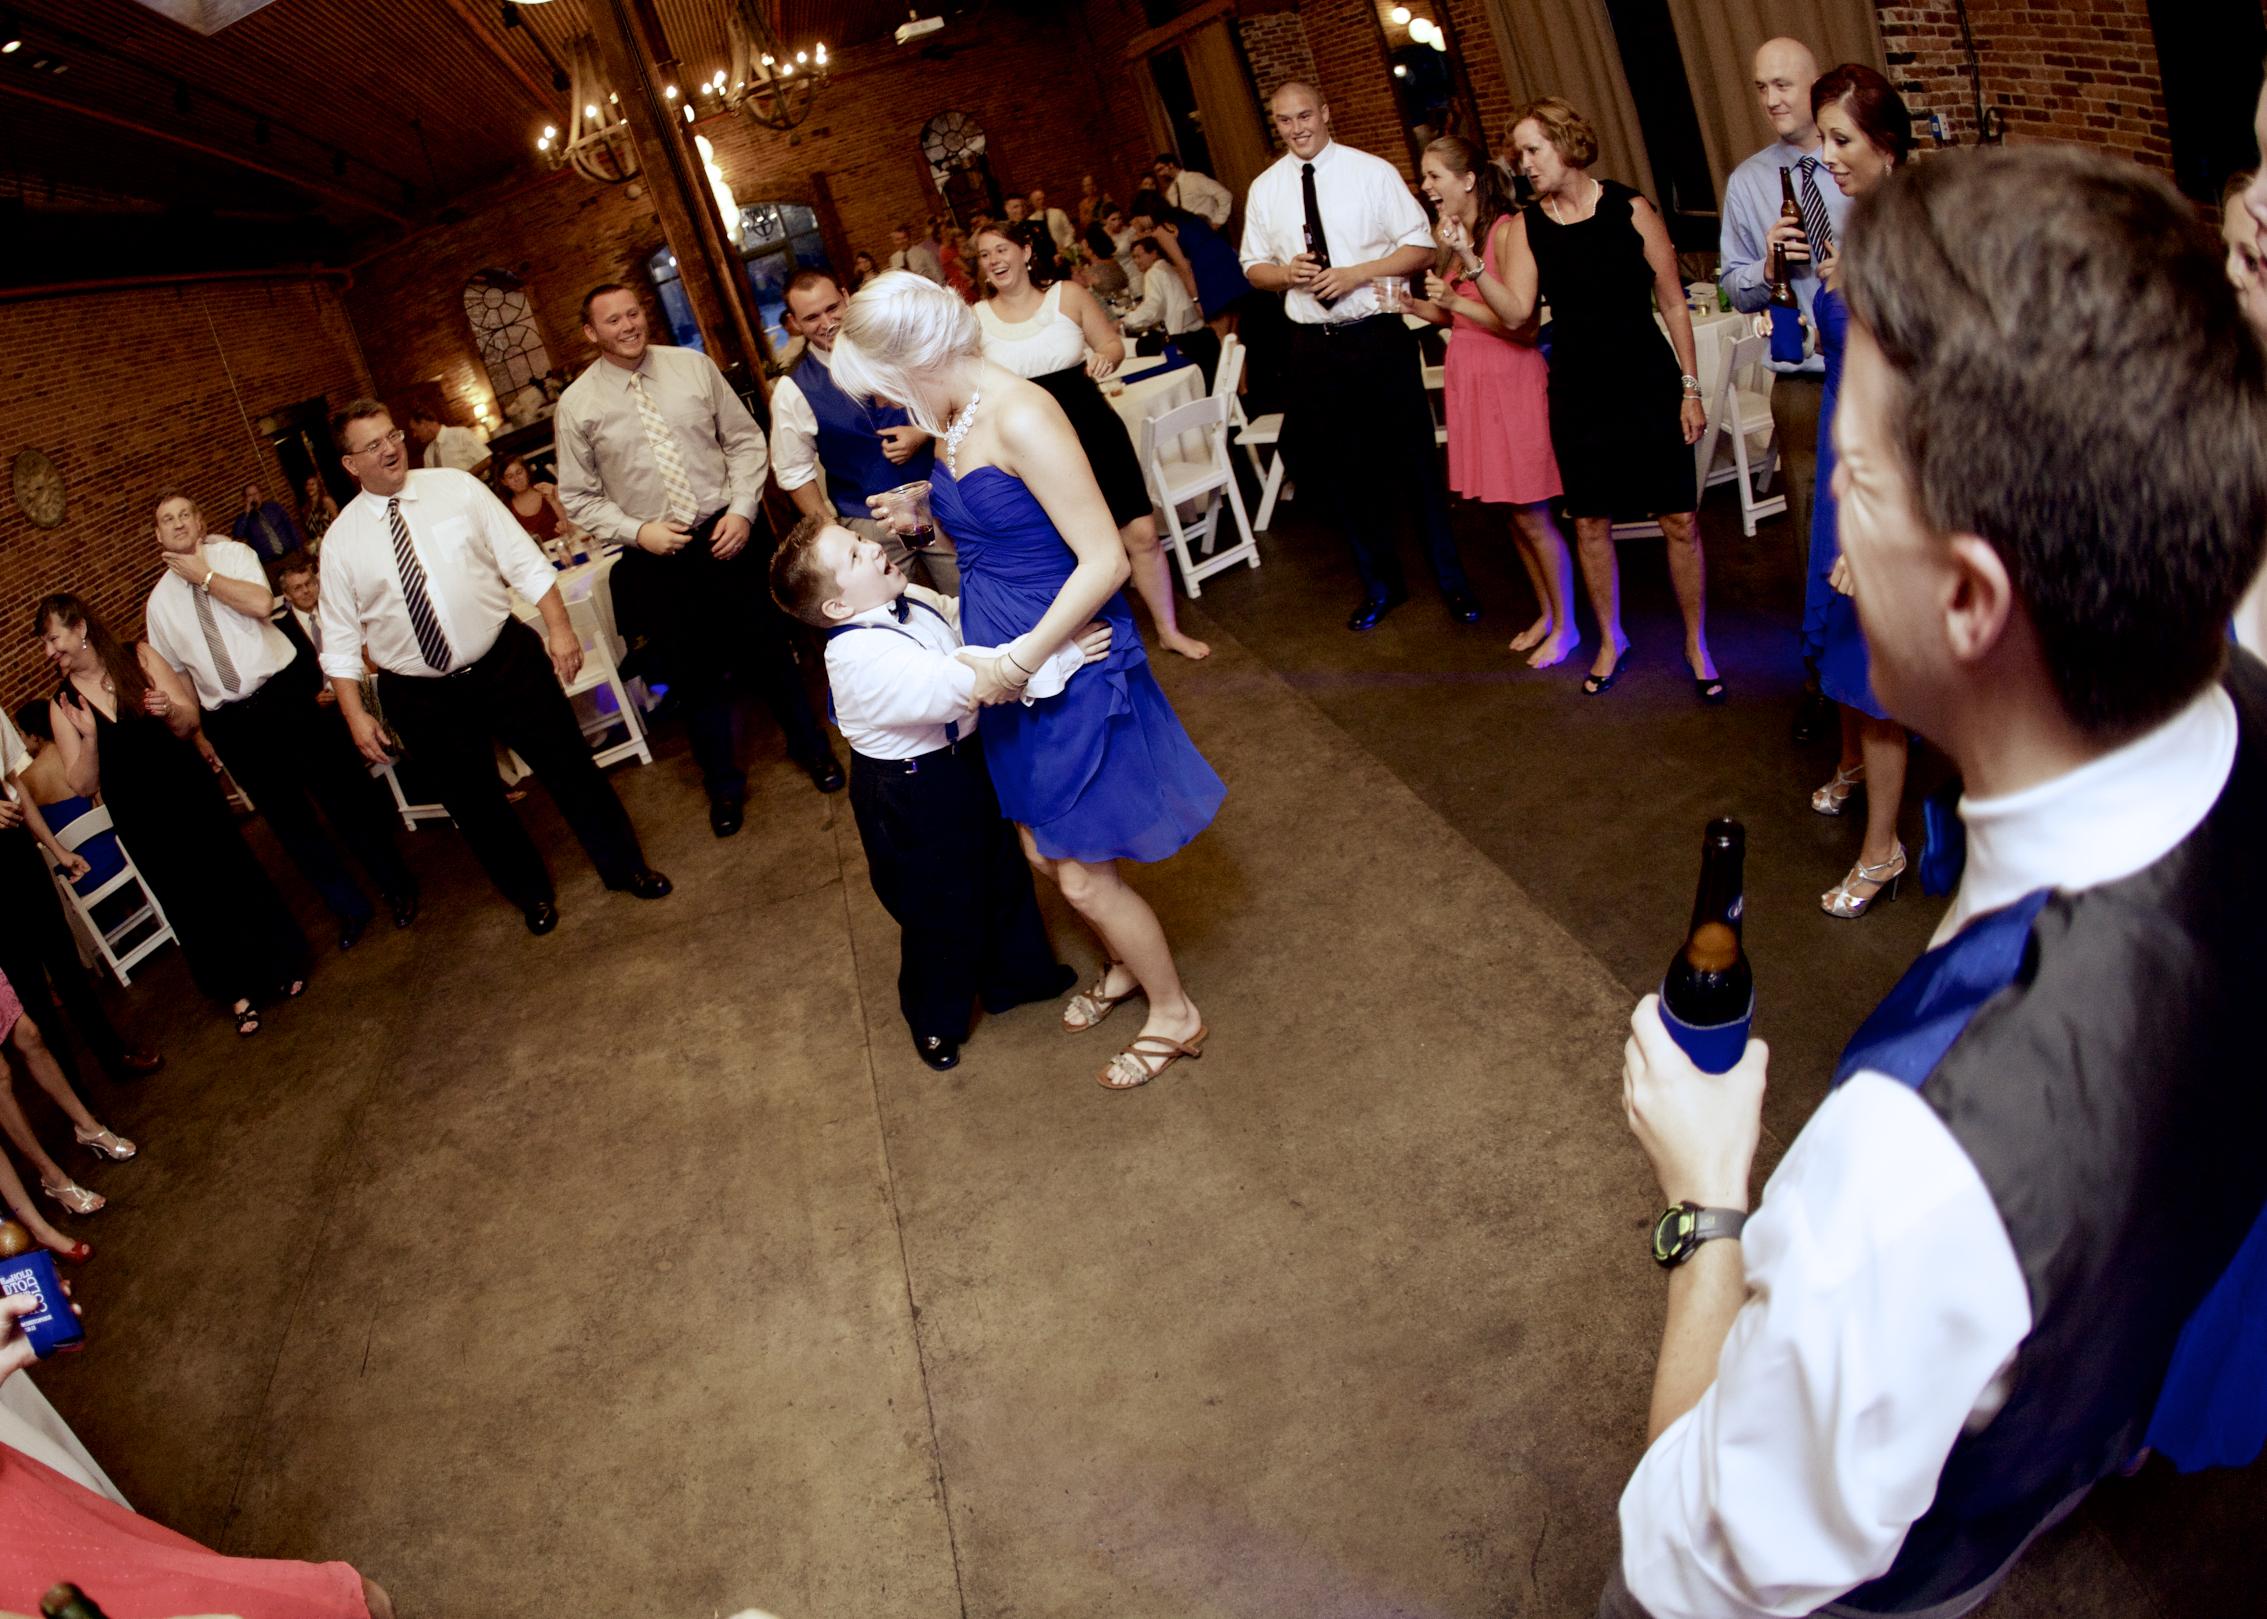 Wedding422.jpg